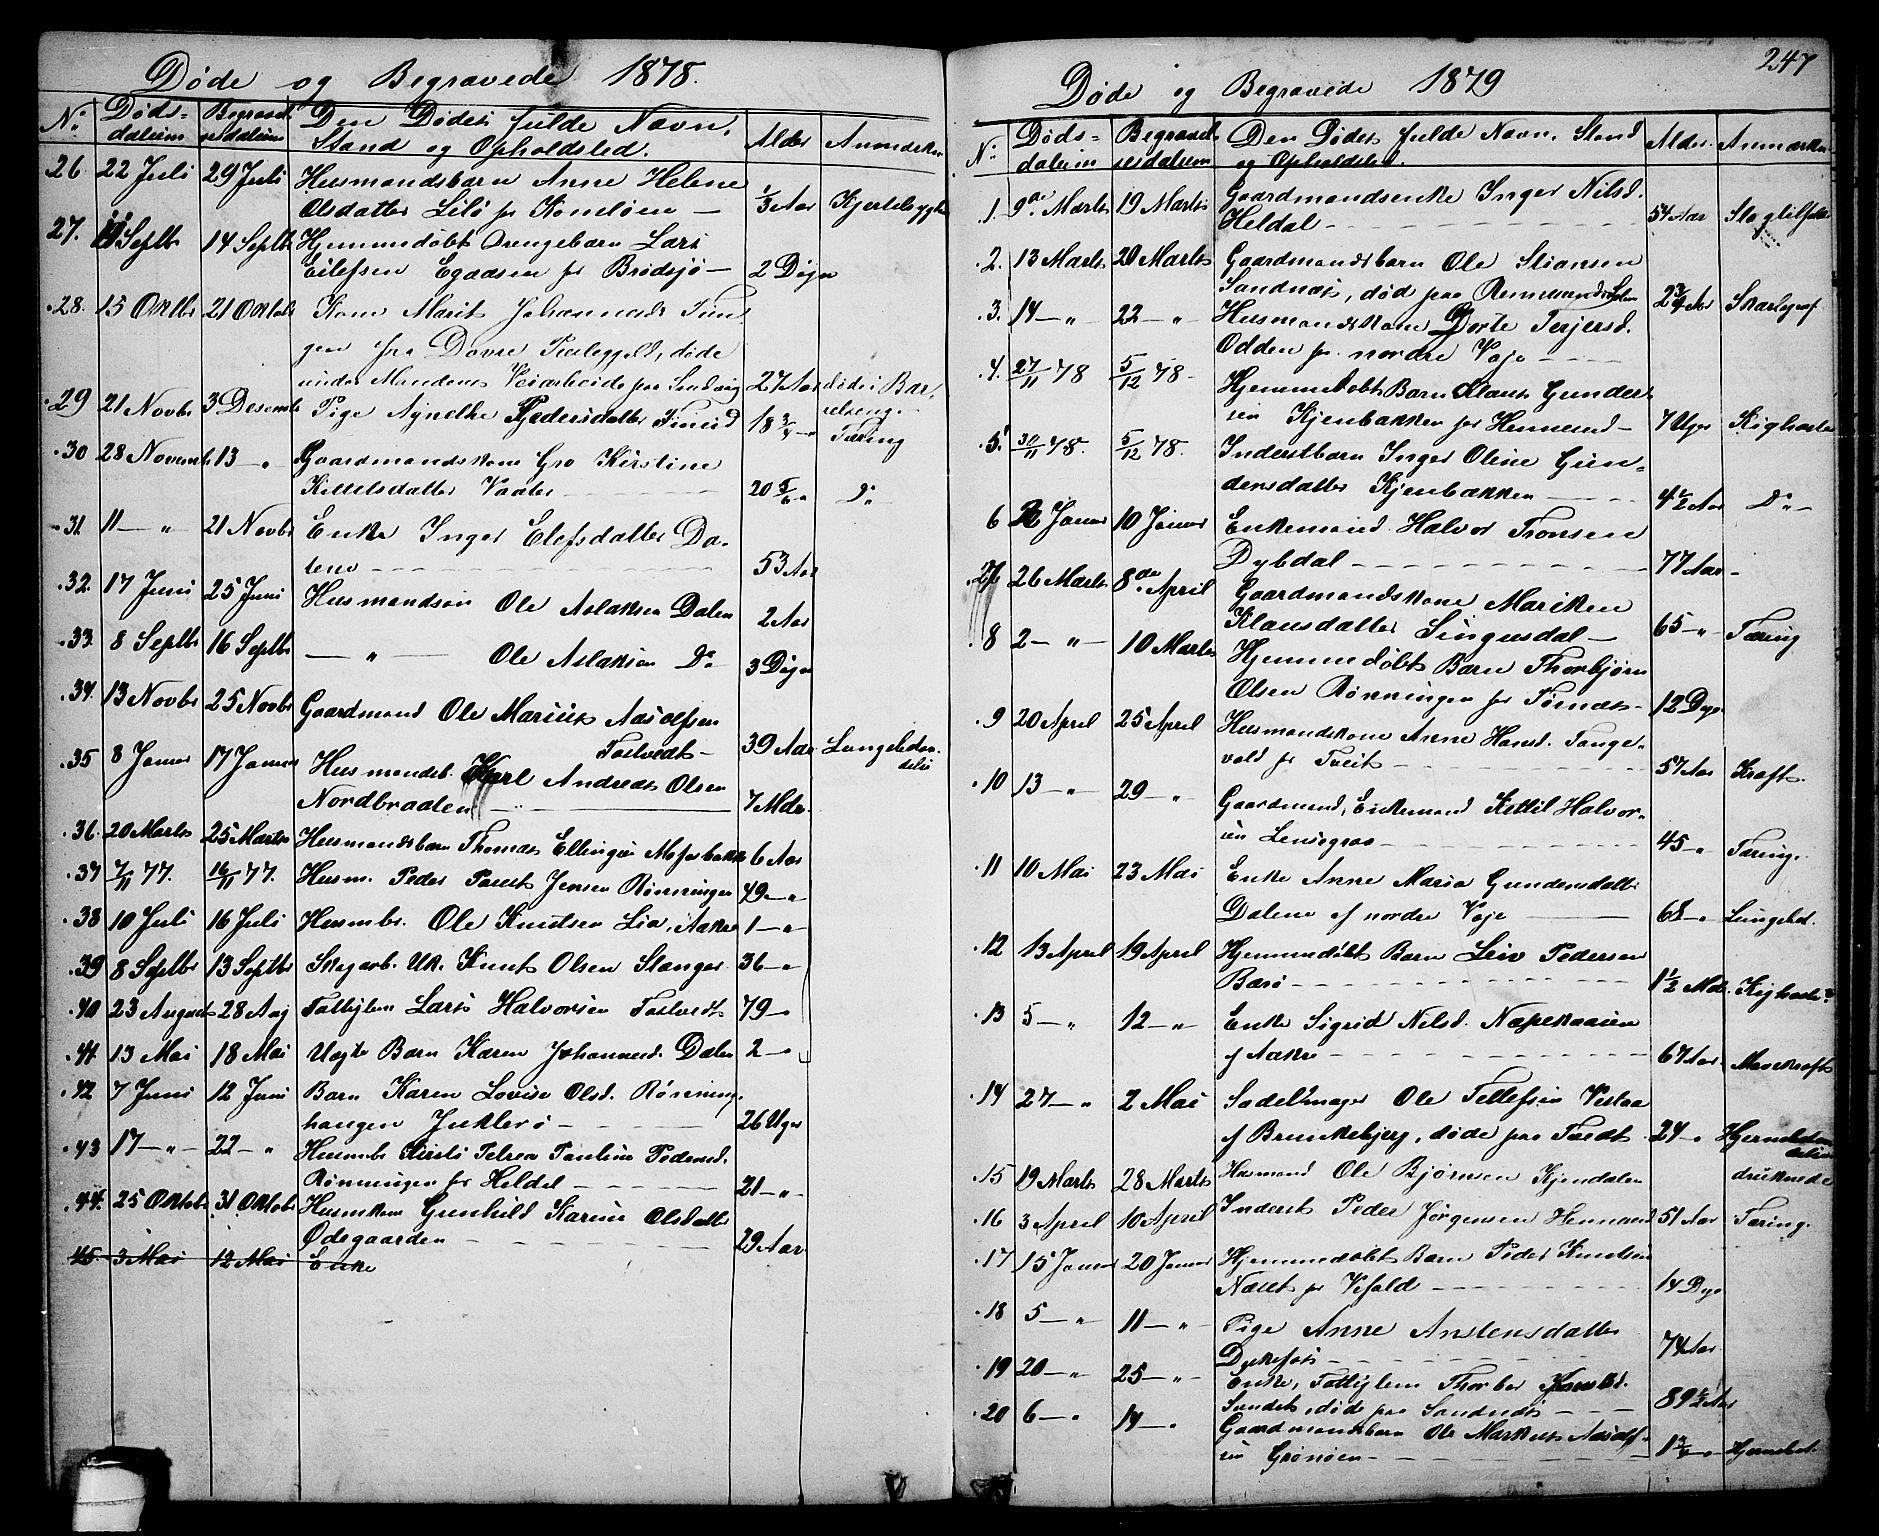 SAKO, Drangedal kirkebøker, G/Ga/L0002: Klokkerbok nr. I 2, 1856-1887, s. 247